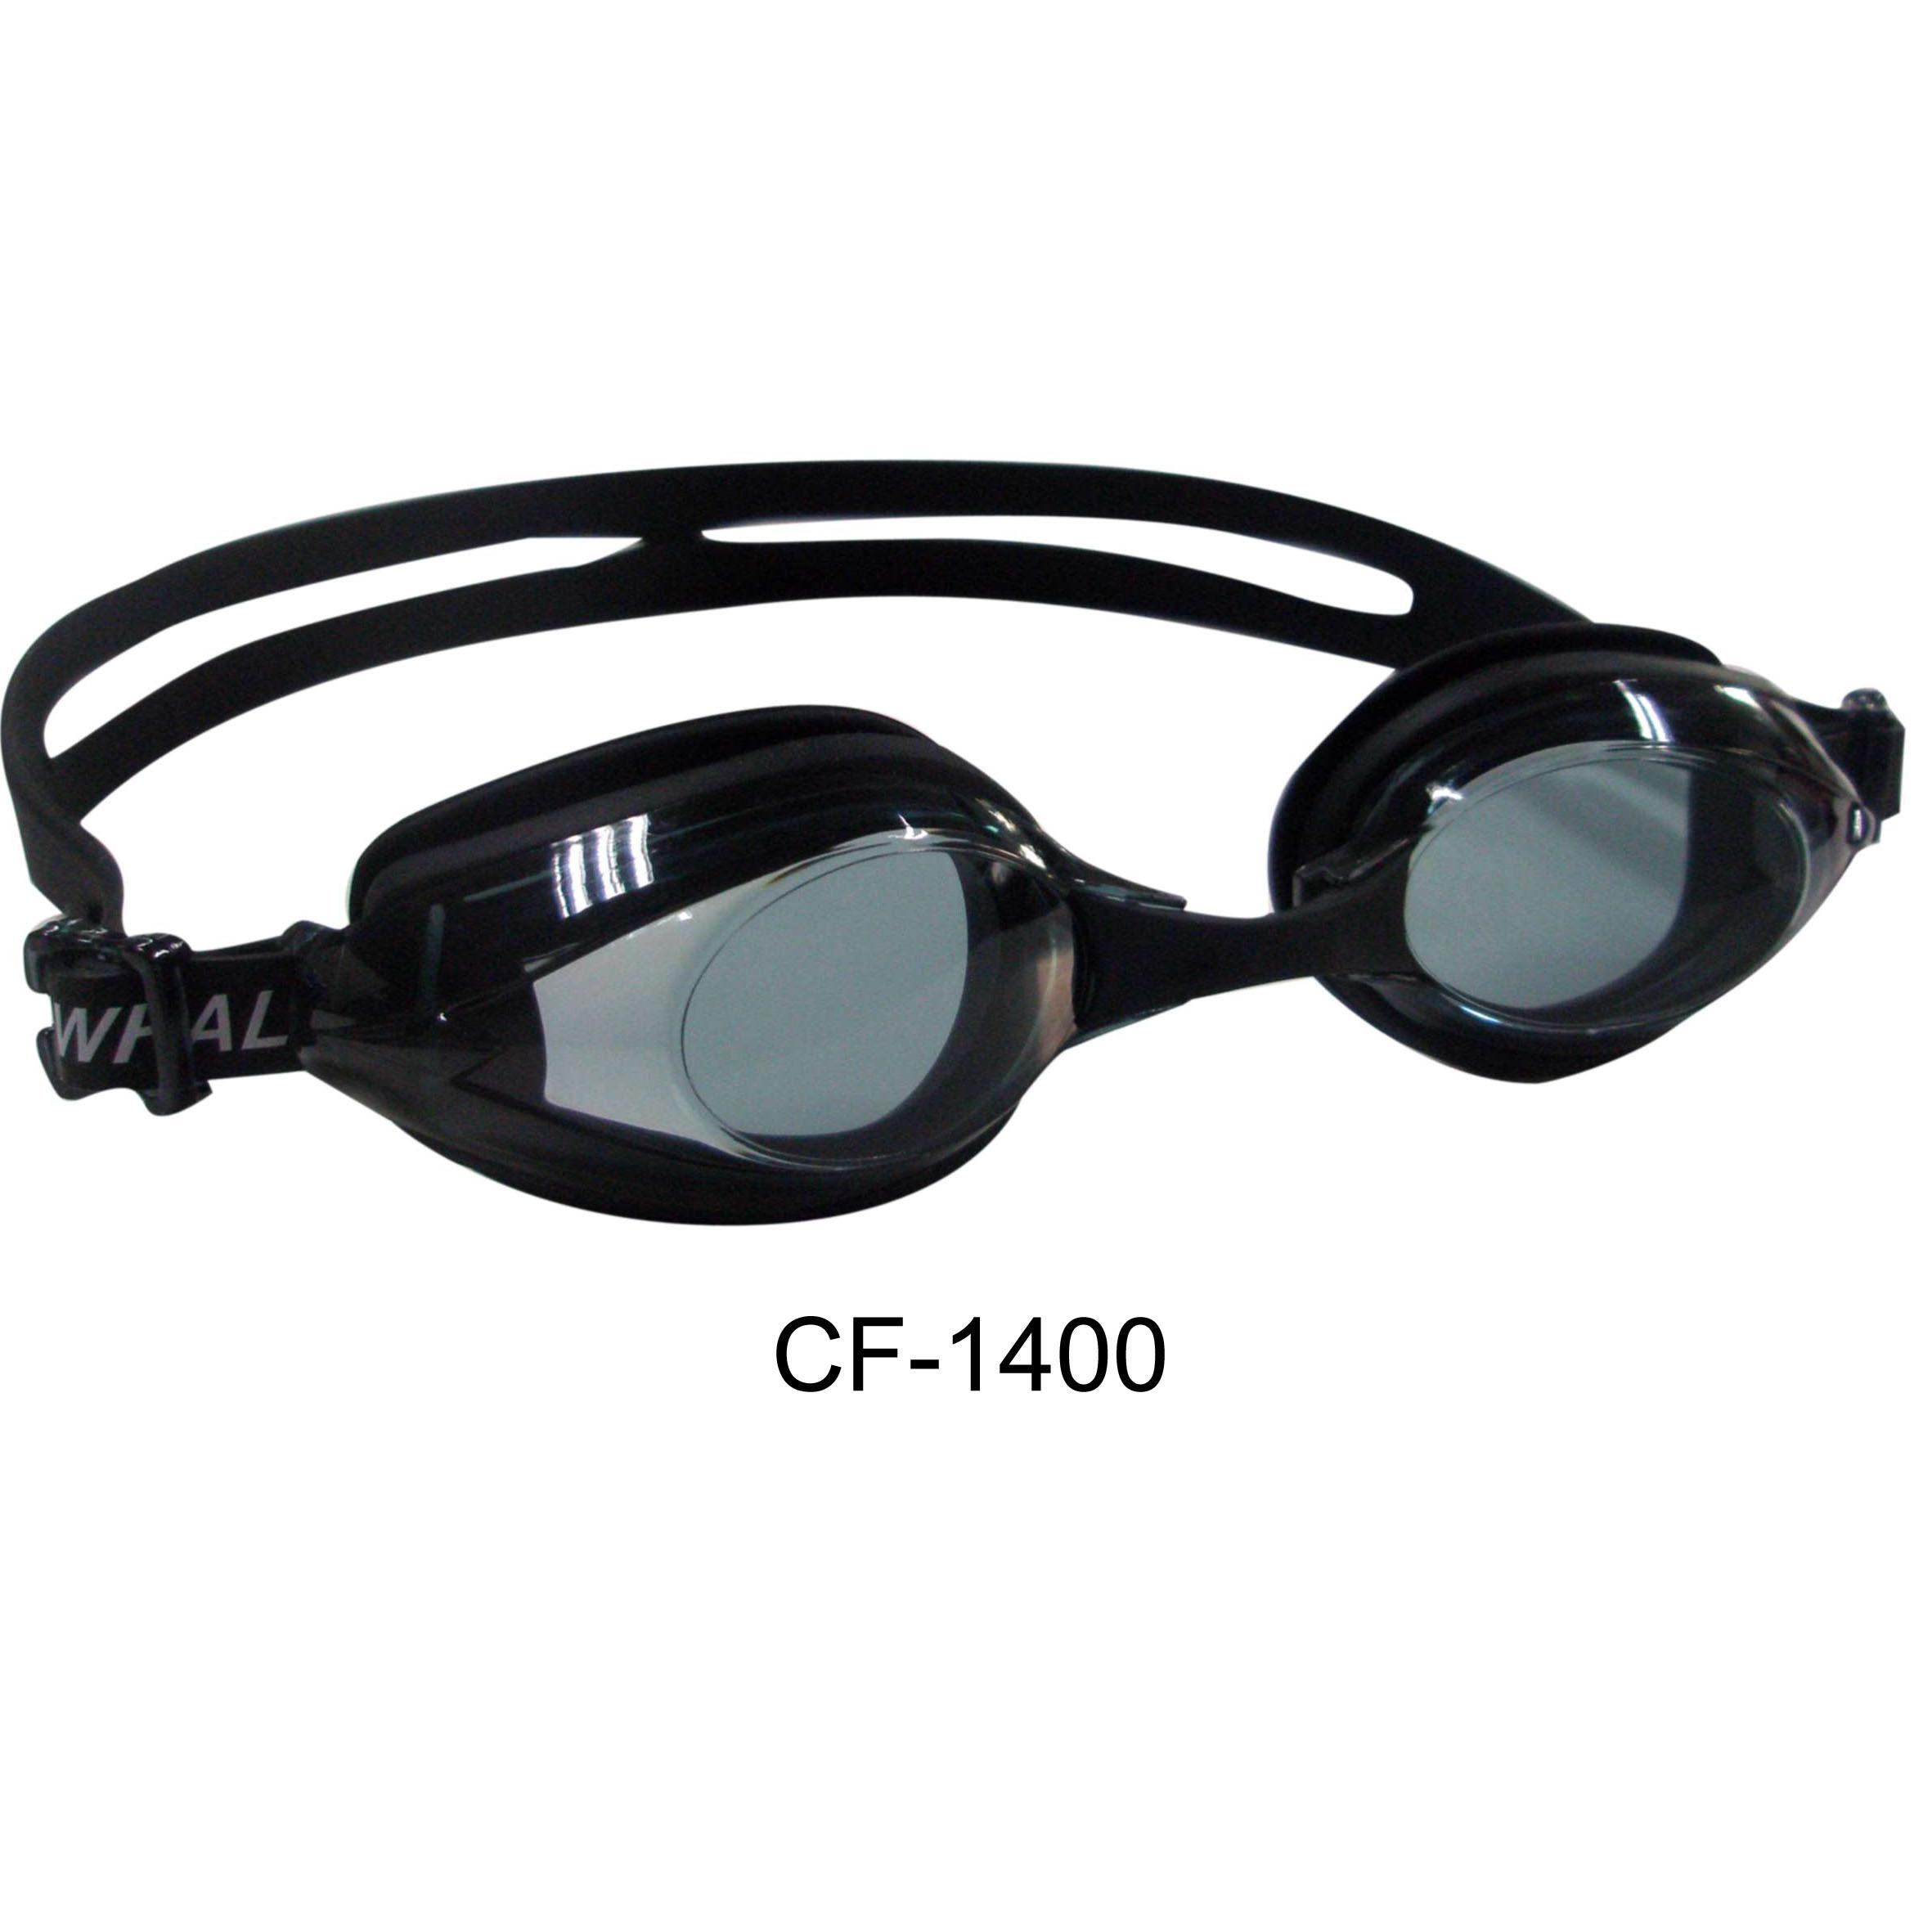 Silicone Swimming Goggles (CF-1400)